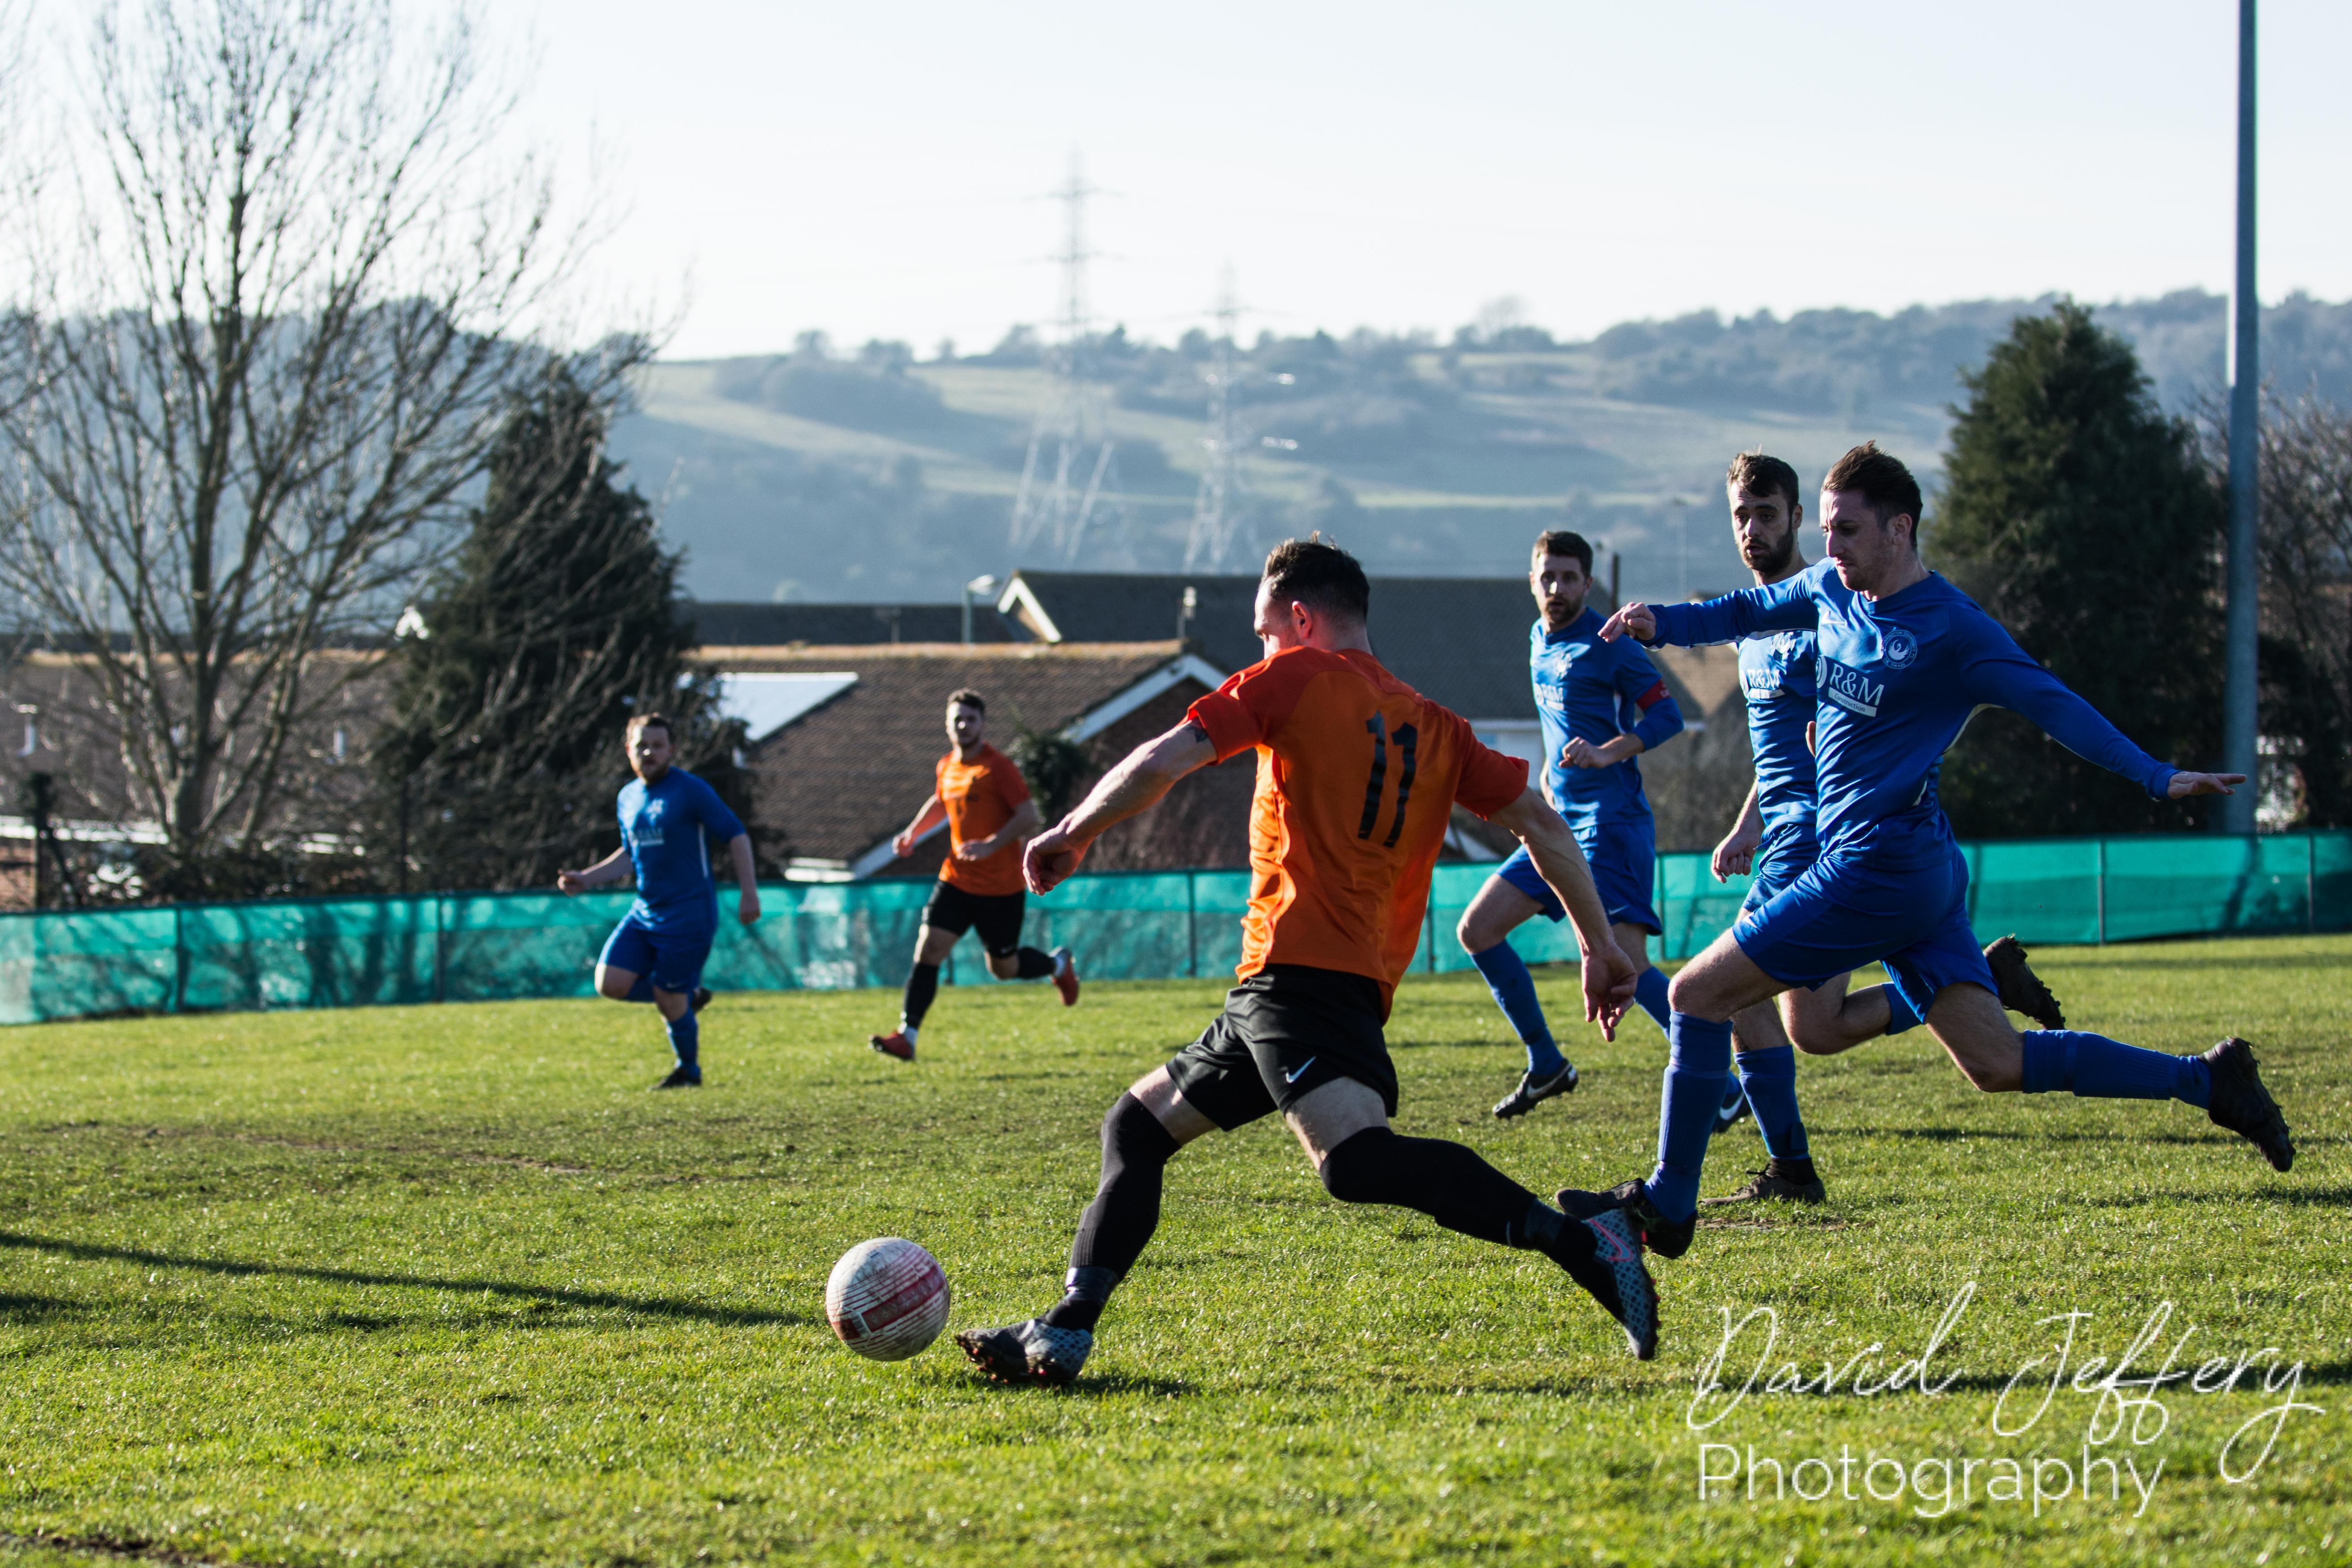 DAVID_JEFFERY MOFC vs Storrington 023